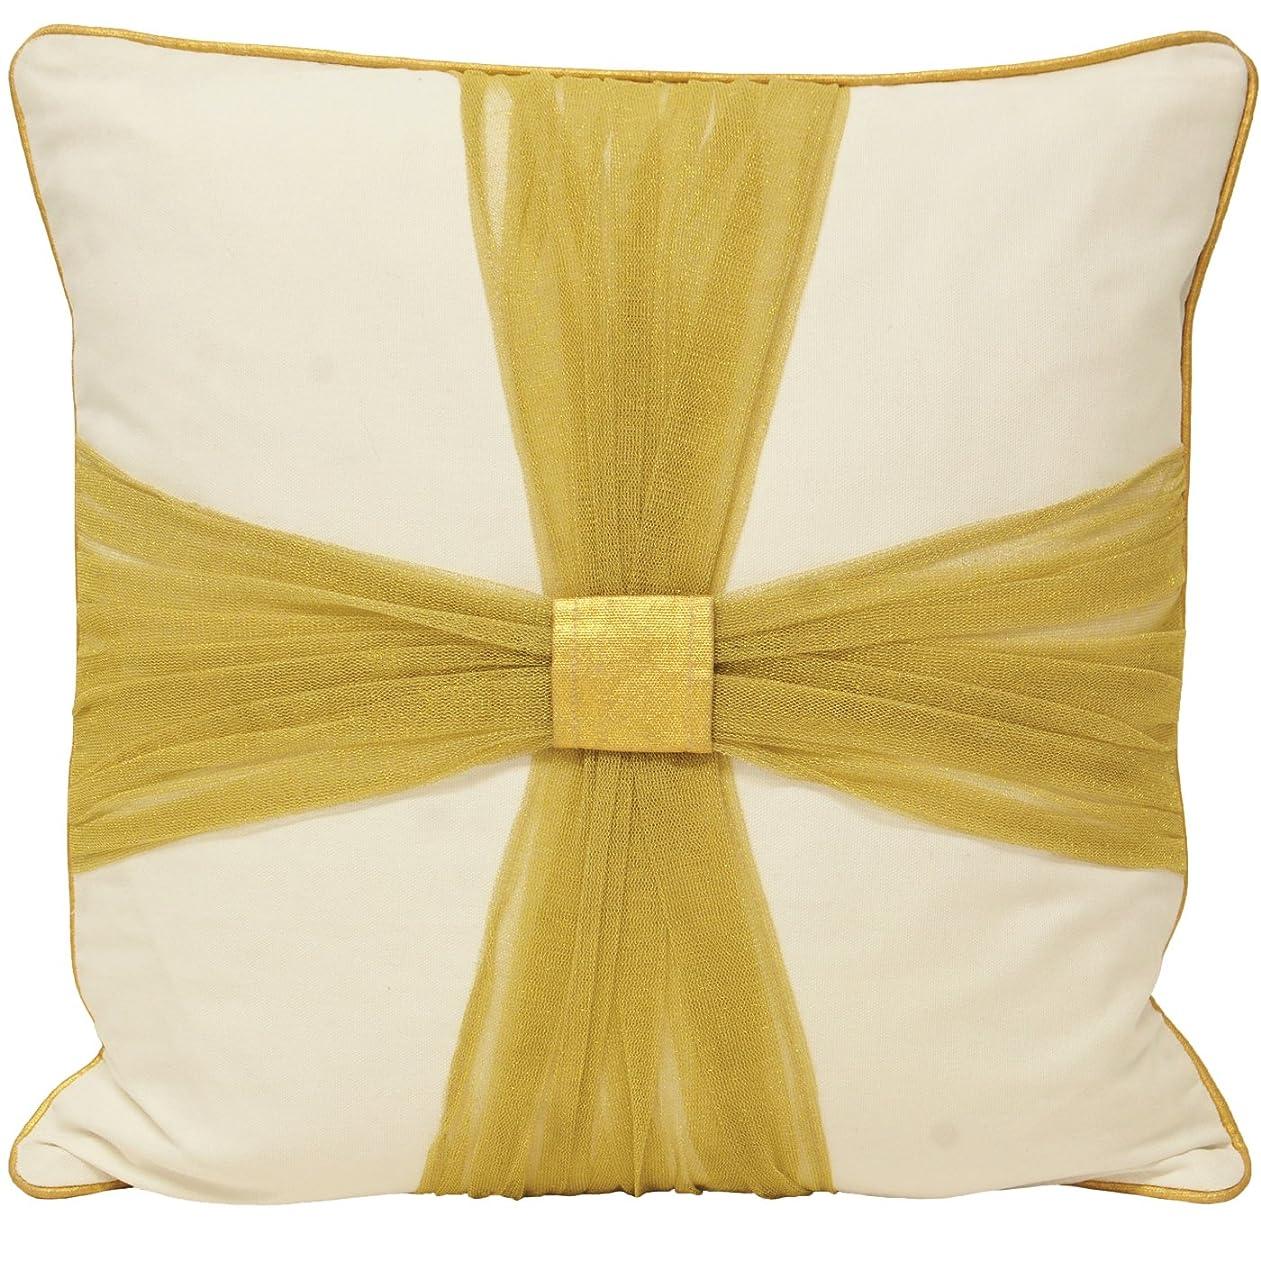 シーフード多様な肥沃な(リーヴァ?ホーム) Riva Home プレゼント リボン クッションカバー (カバーのみ) インテリアのアクセント おしゃれなクッションカバー (45x45cm) (ゴールド)